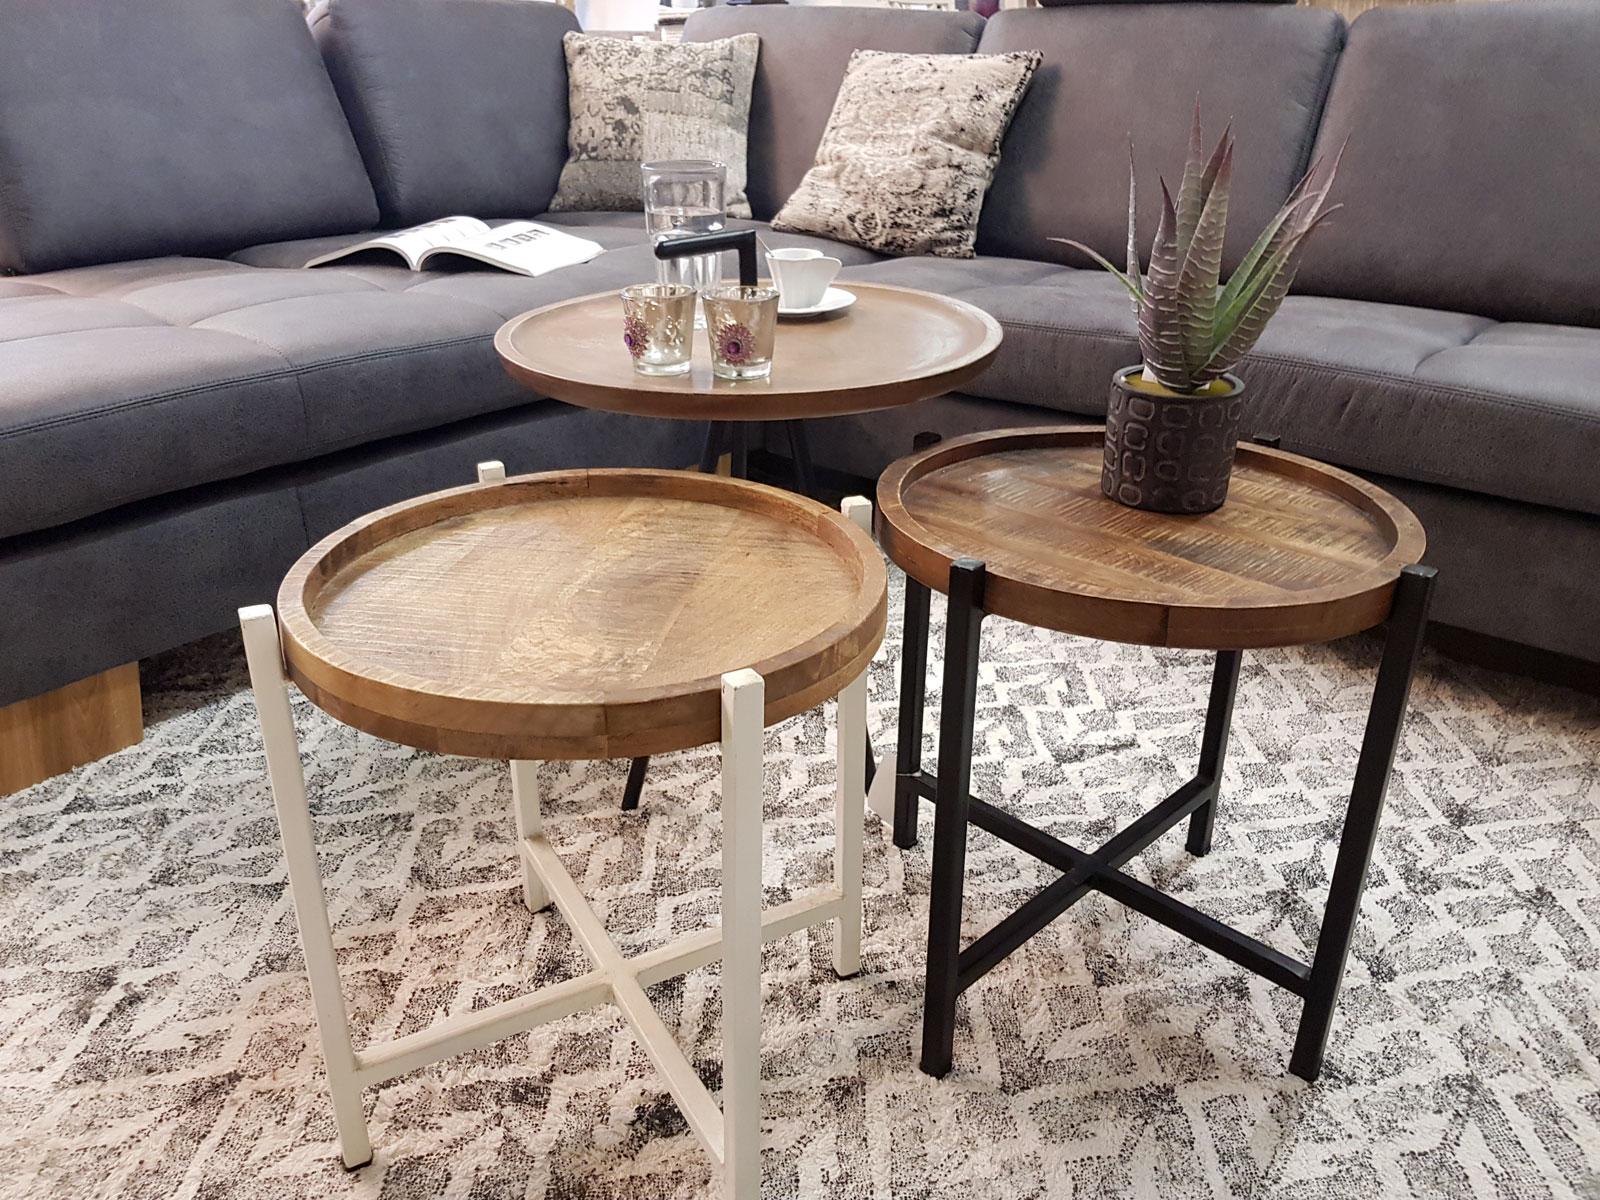 Beistelltisch Wohnzimmer-Tisch Rund Omaha, Metall-Gestell